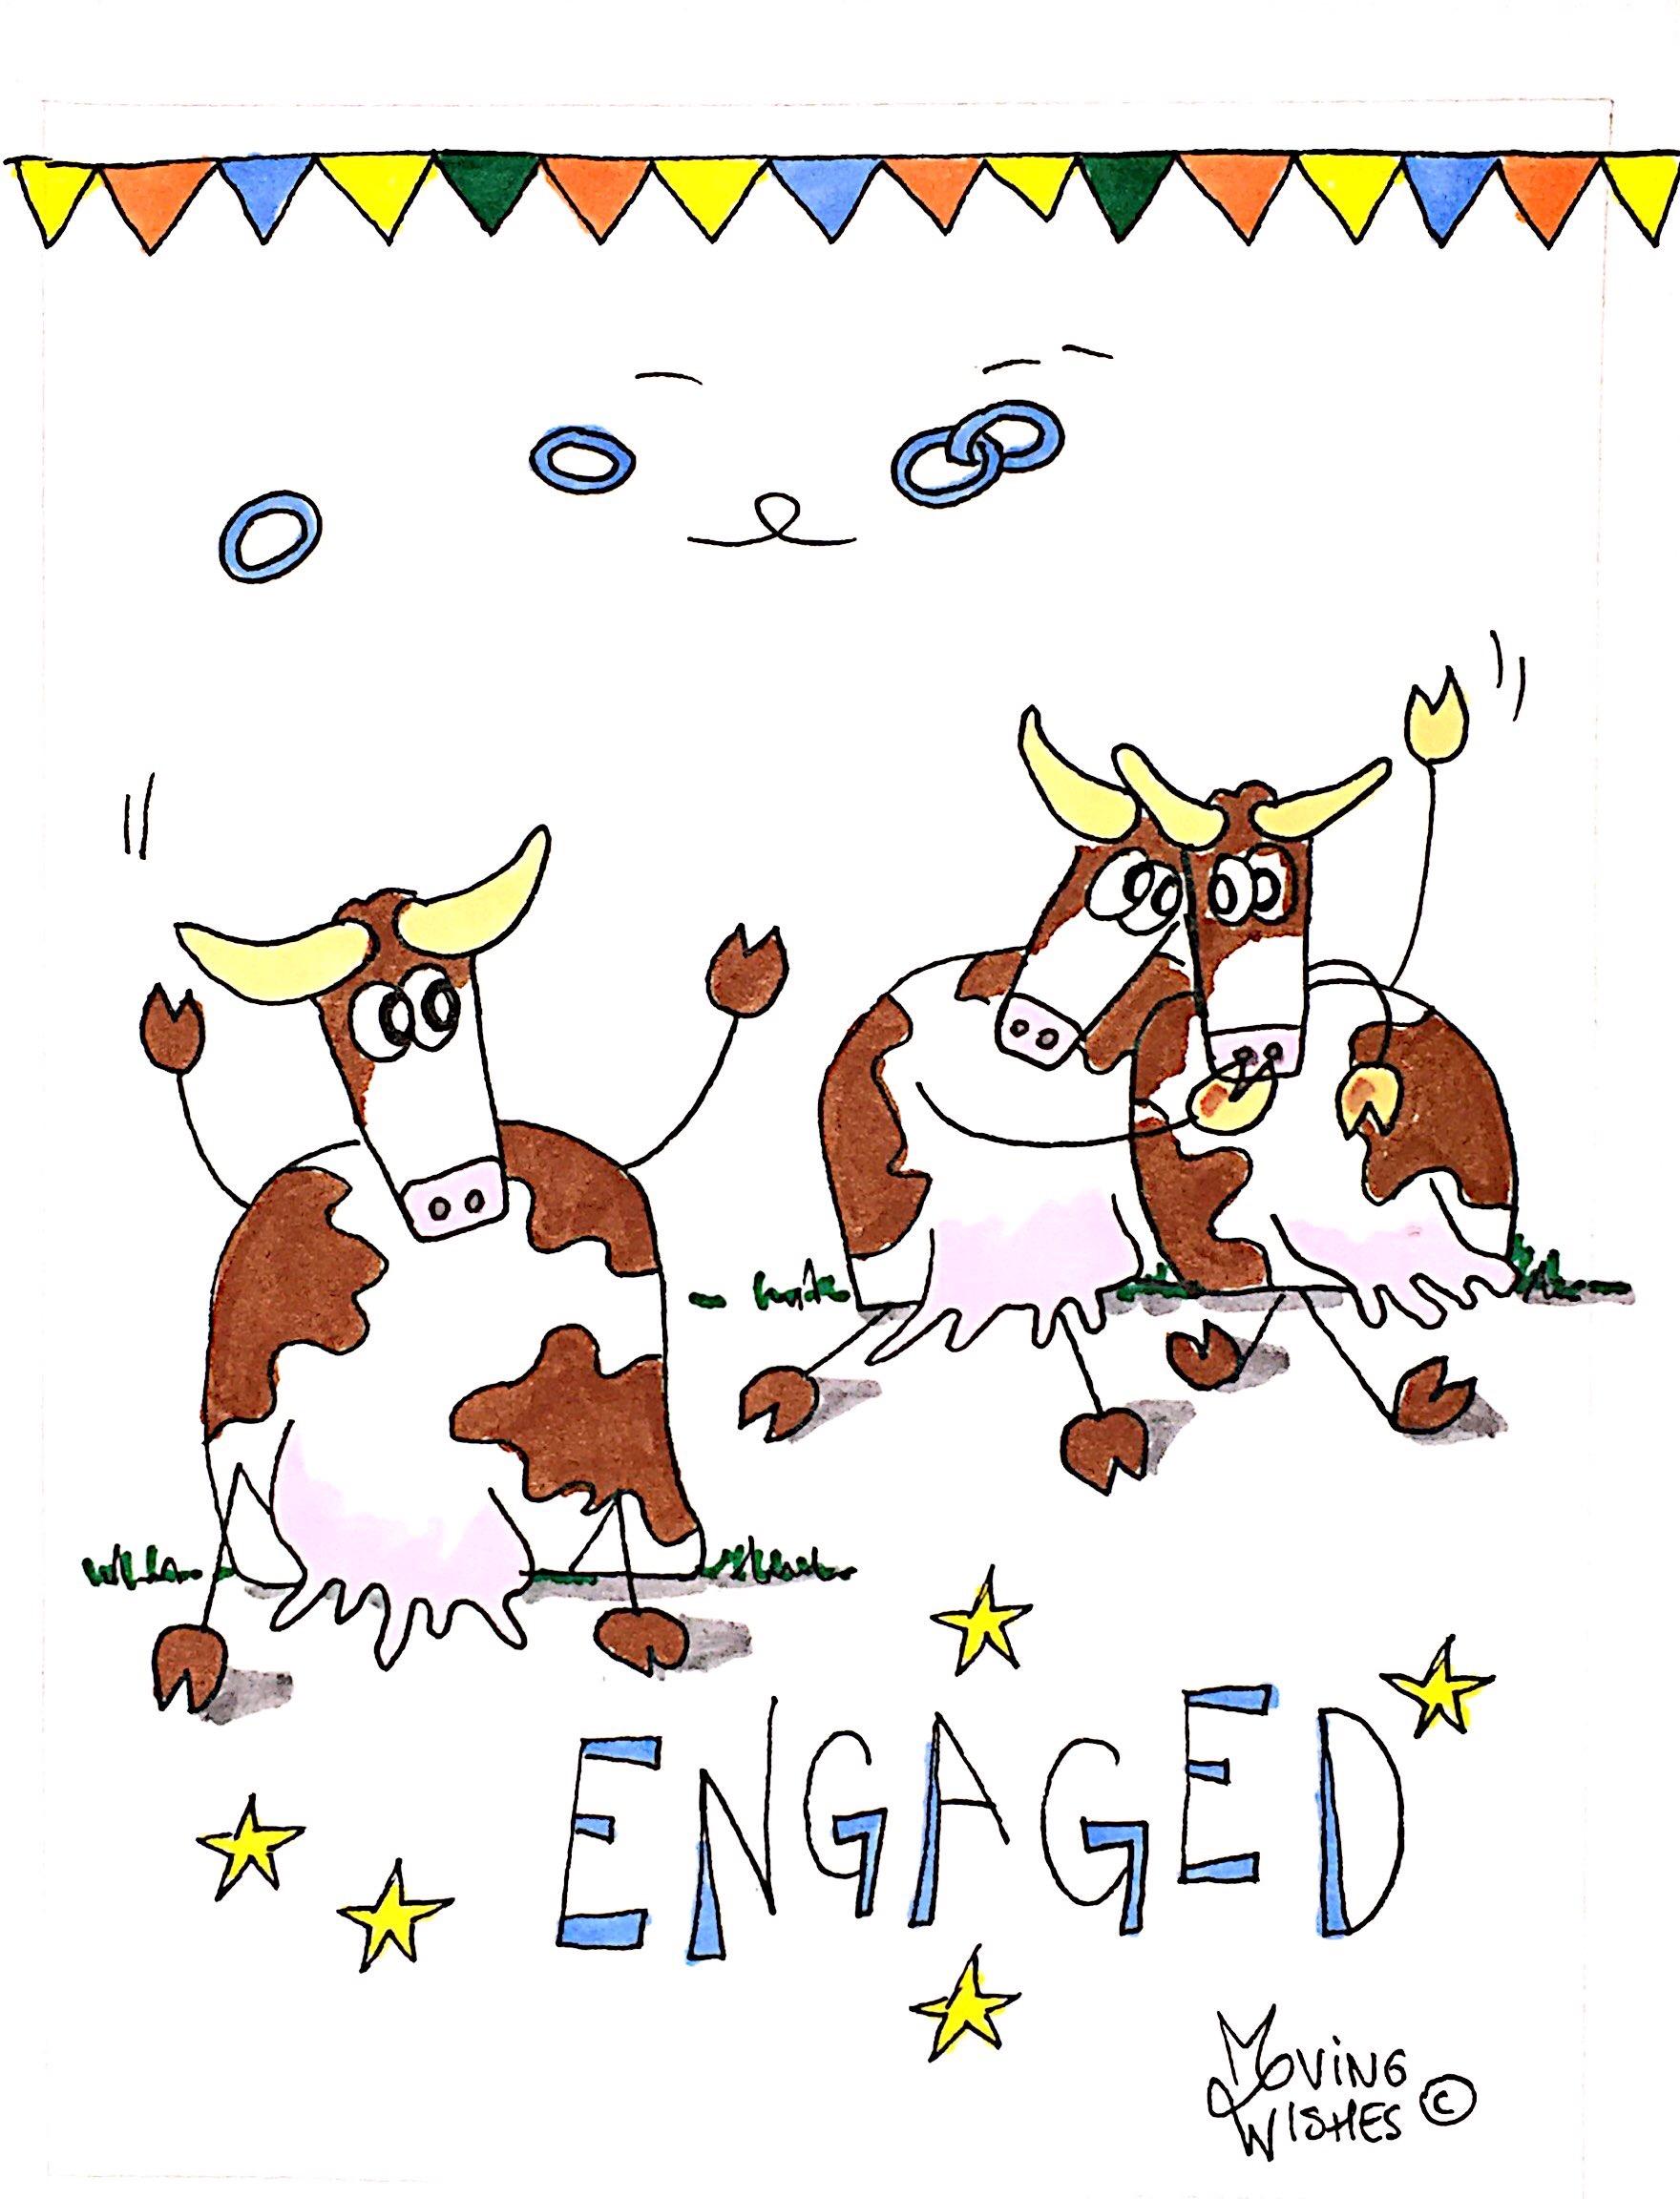 Verlovingskaart met twee koeien